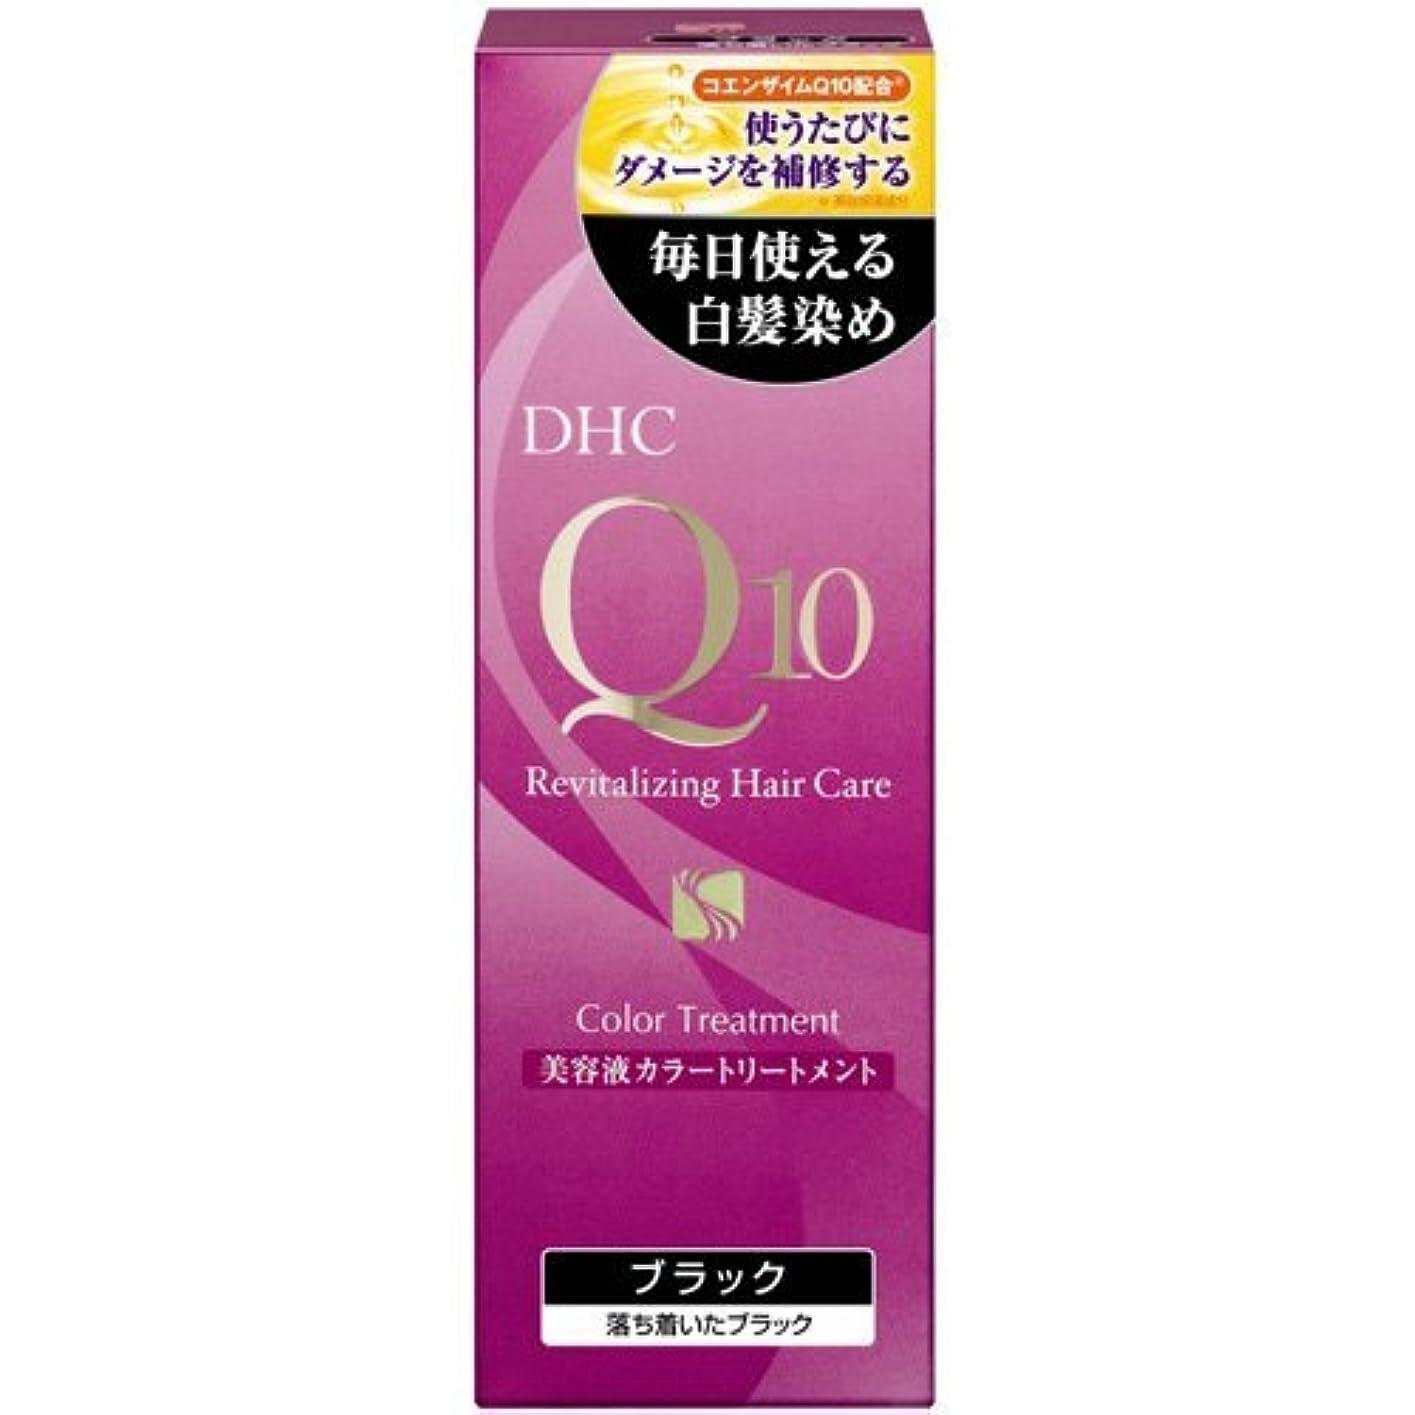 天皇失速橋脚【まとめ買い】DHC Q10美溶液カラートリートメントブラックSS170g ×6個